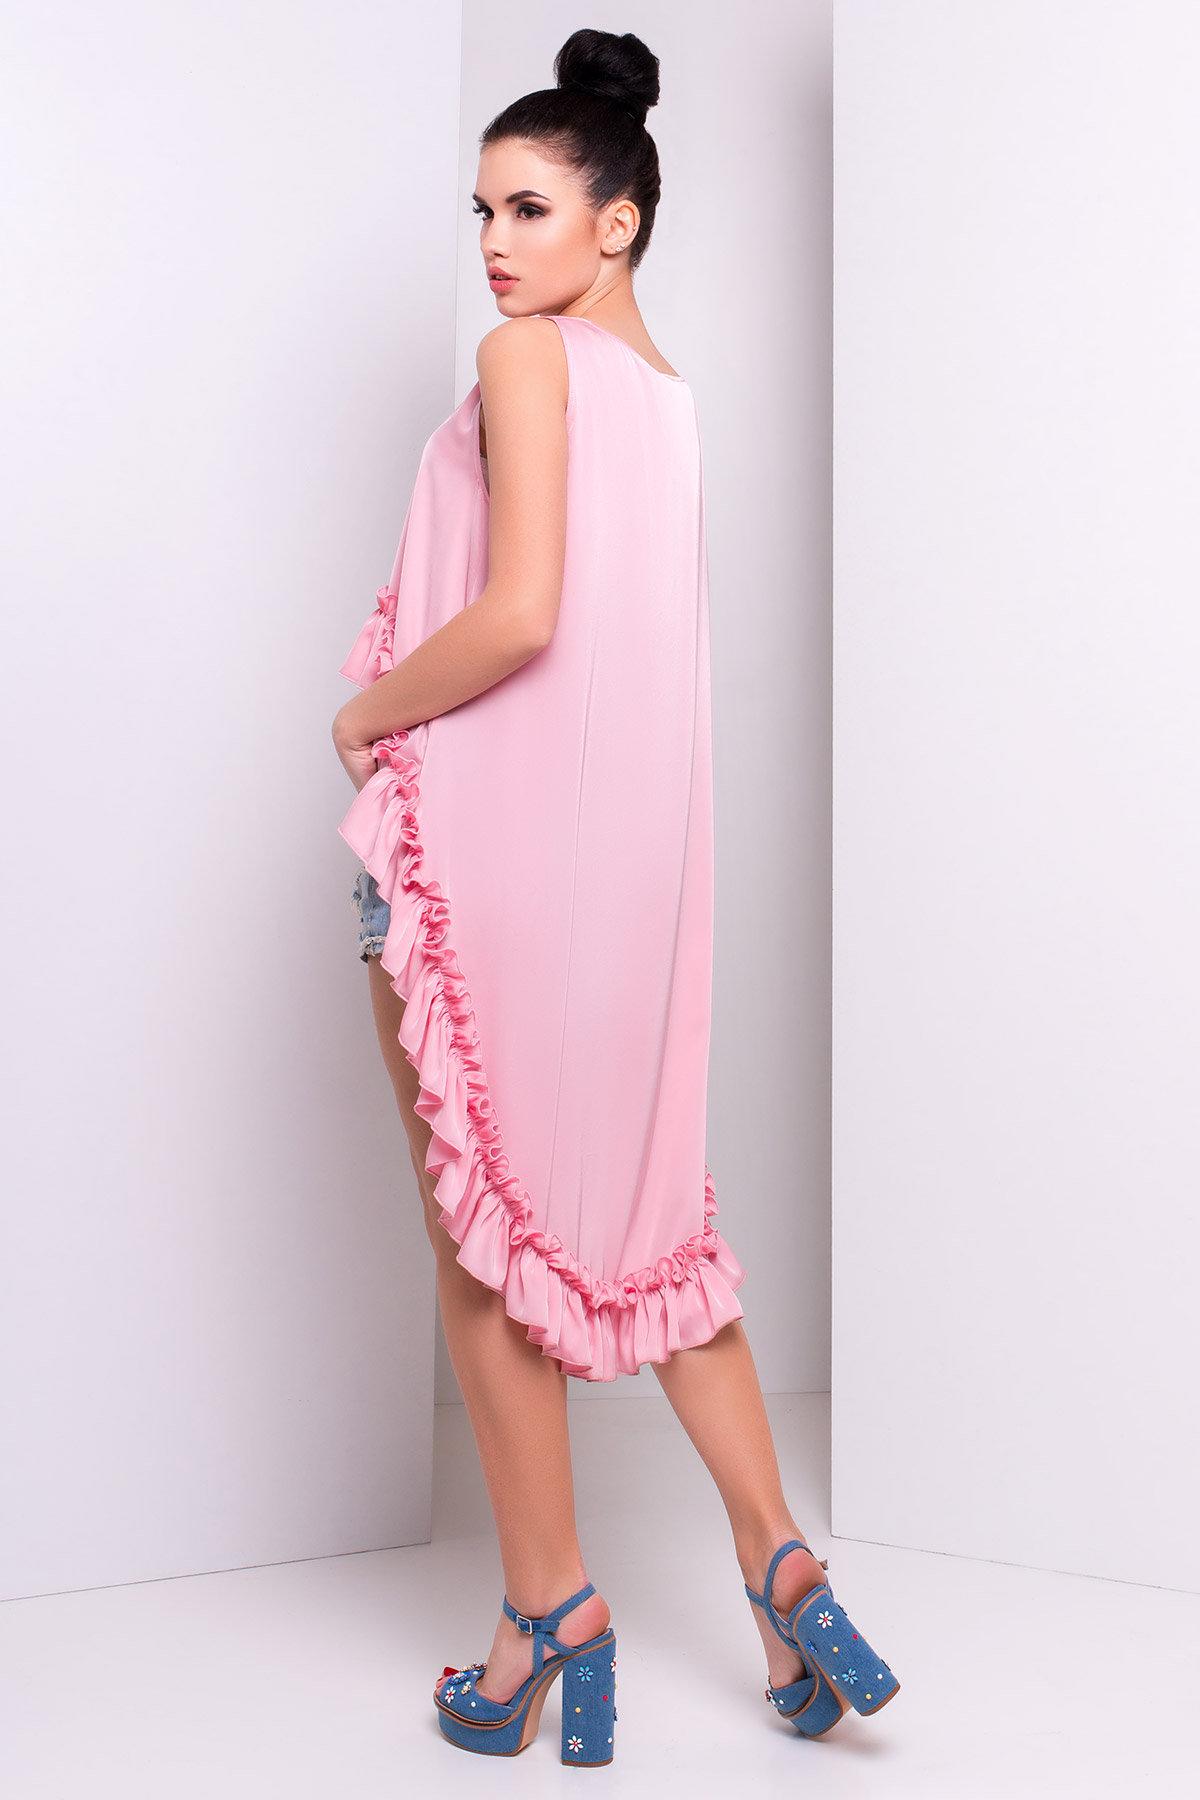 Блуза Дезири 2744  АРТ. 14740 Цвет: Розовый - фото 2, интернет магазин tm-modus.ru